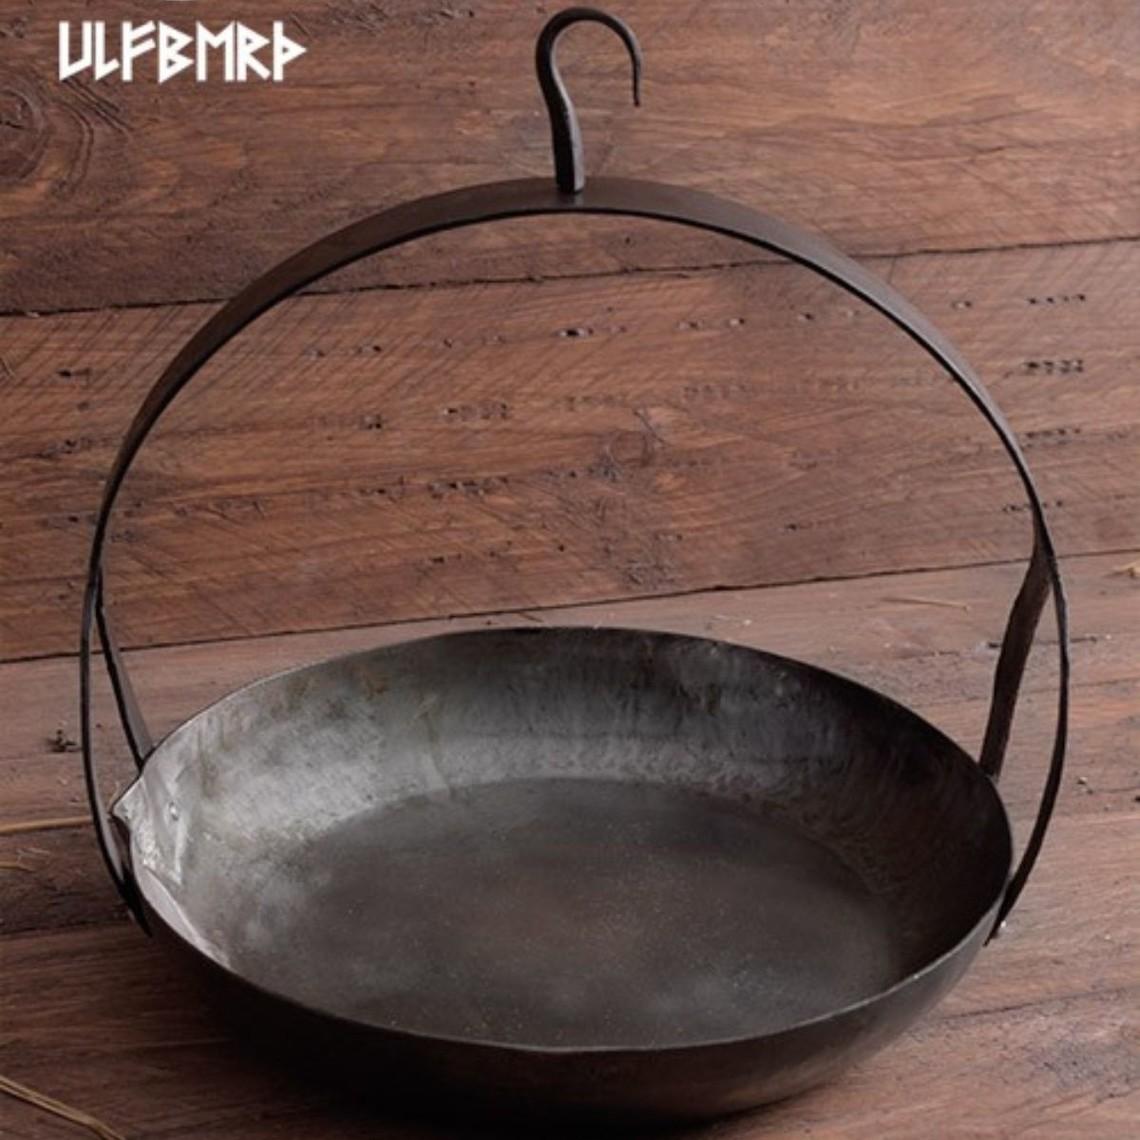 Ulfberth Medeltida pan med krok och handtag